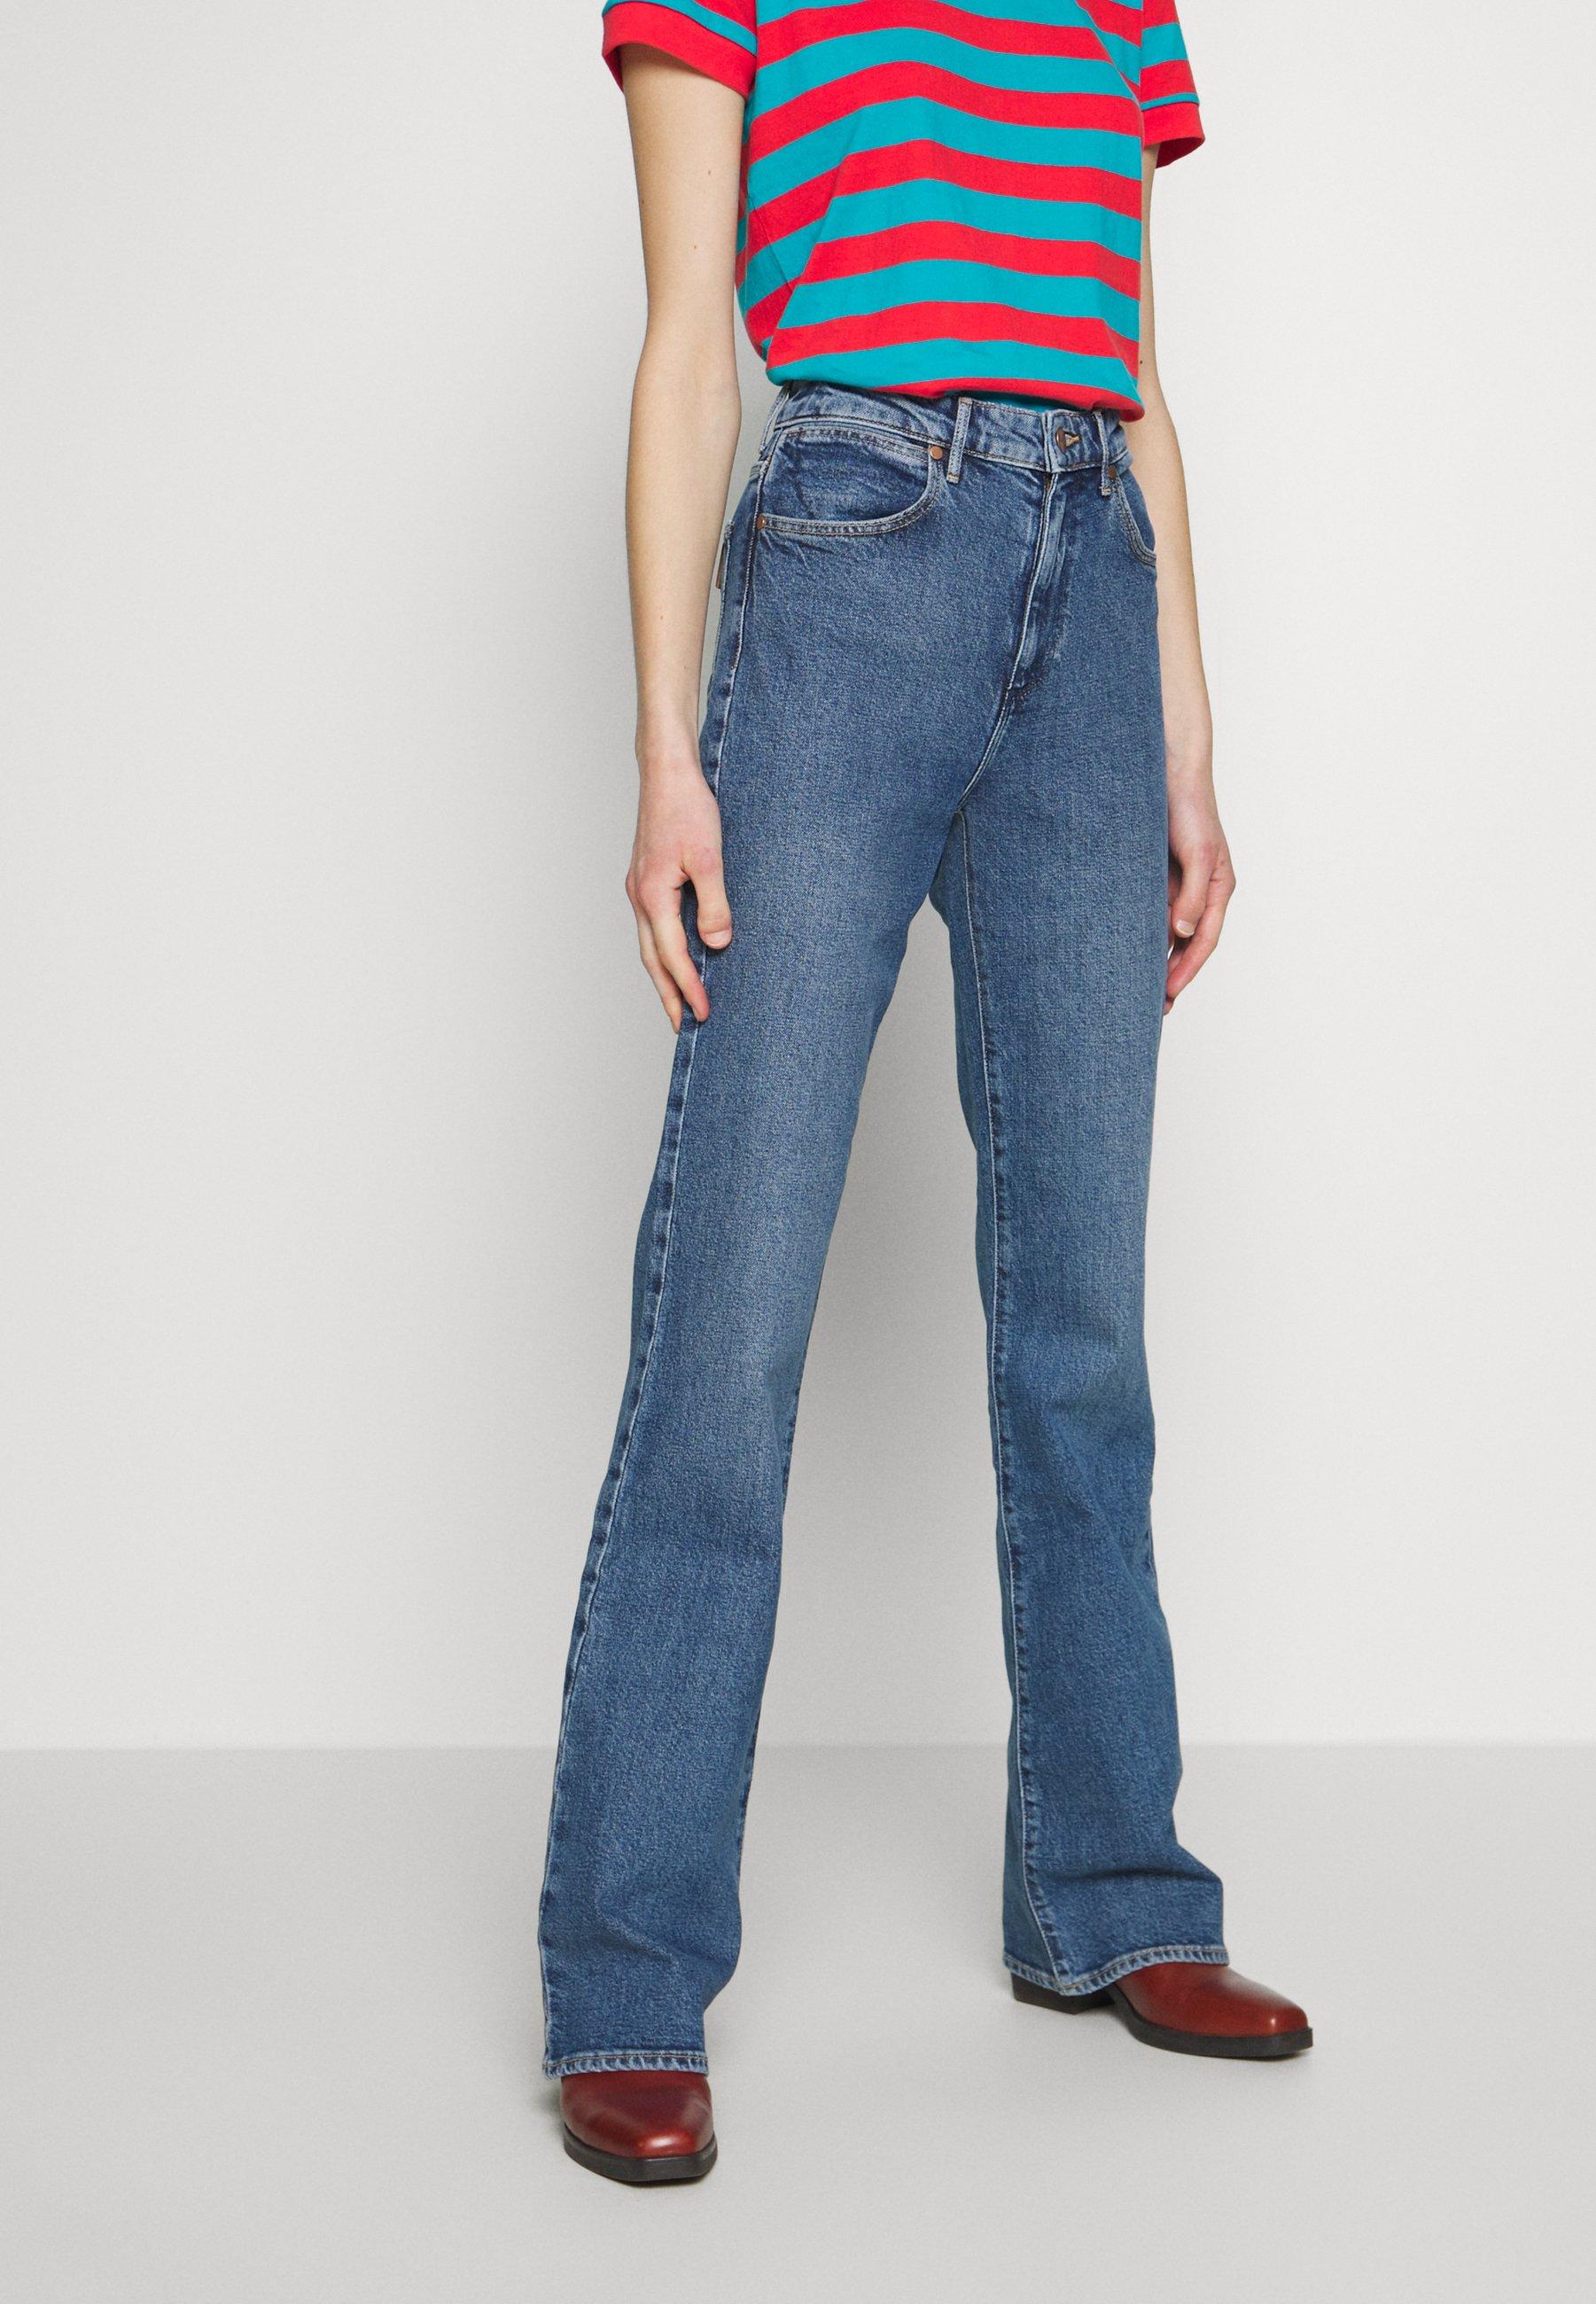 Wrangler Jean flare - beverly - Jeans Femme P3HGf